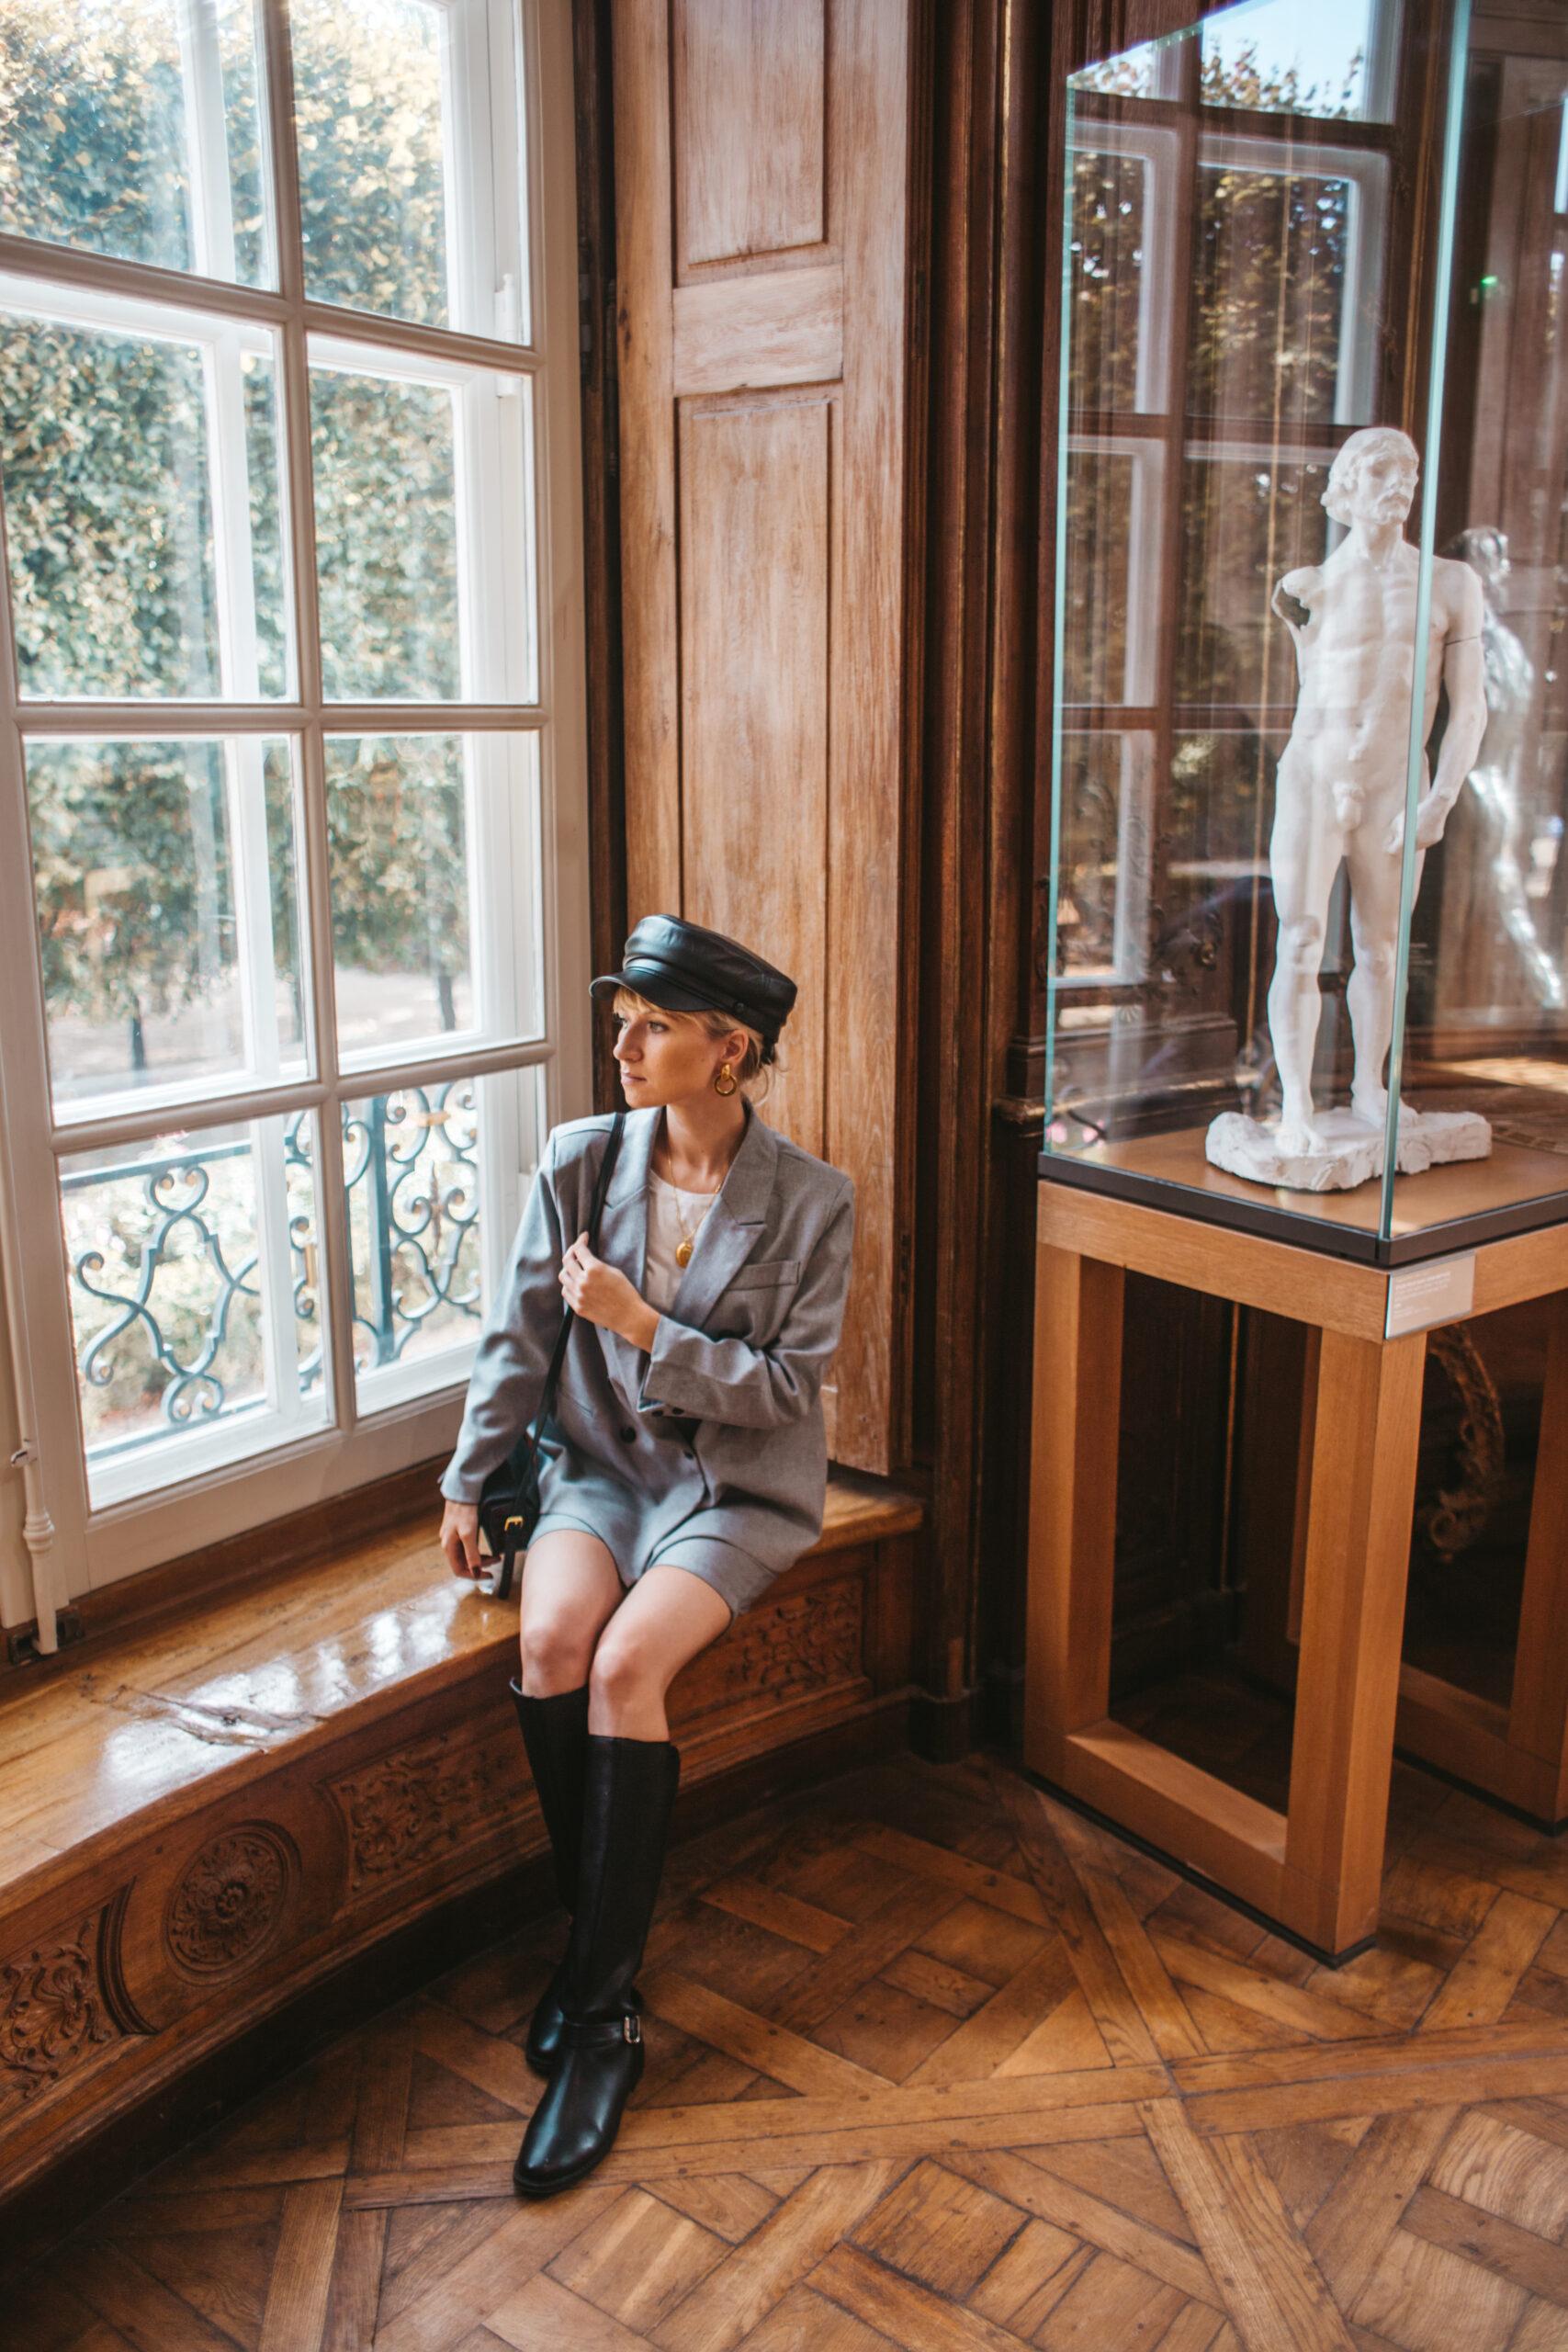 Bourdelle Museum, Muzeum Antoine'a Bourdelle'a, ciekawe miejsca w paryżu, muzeum w paryż